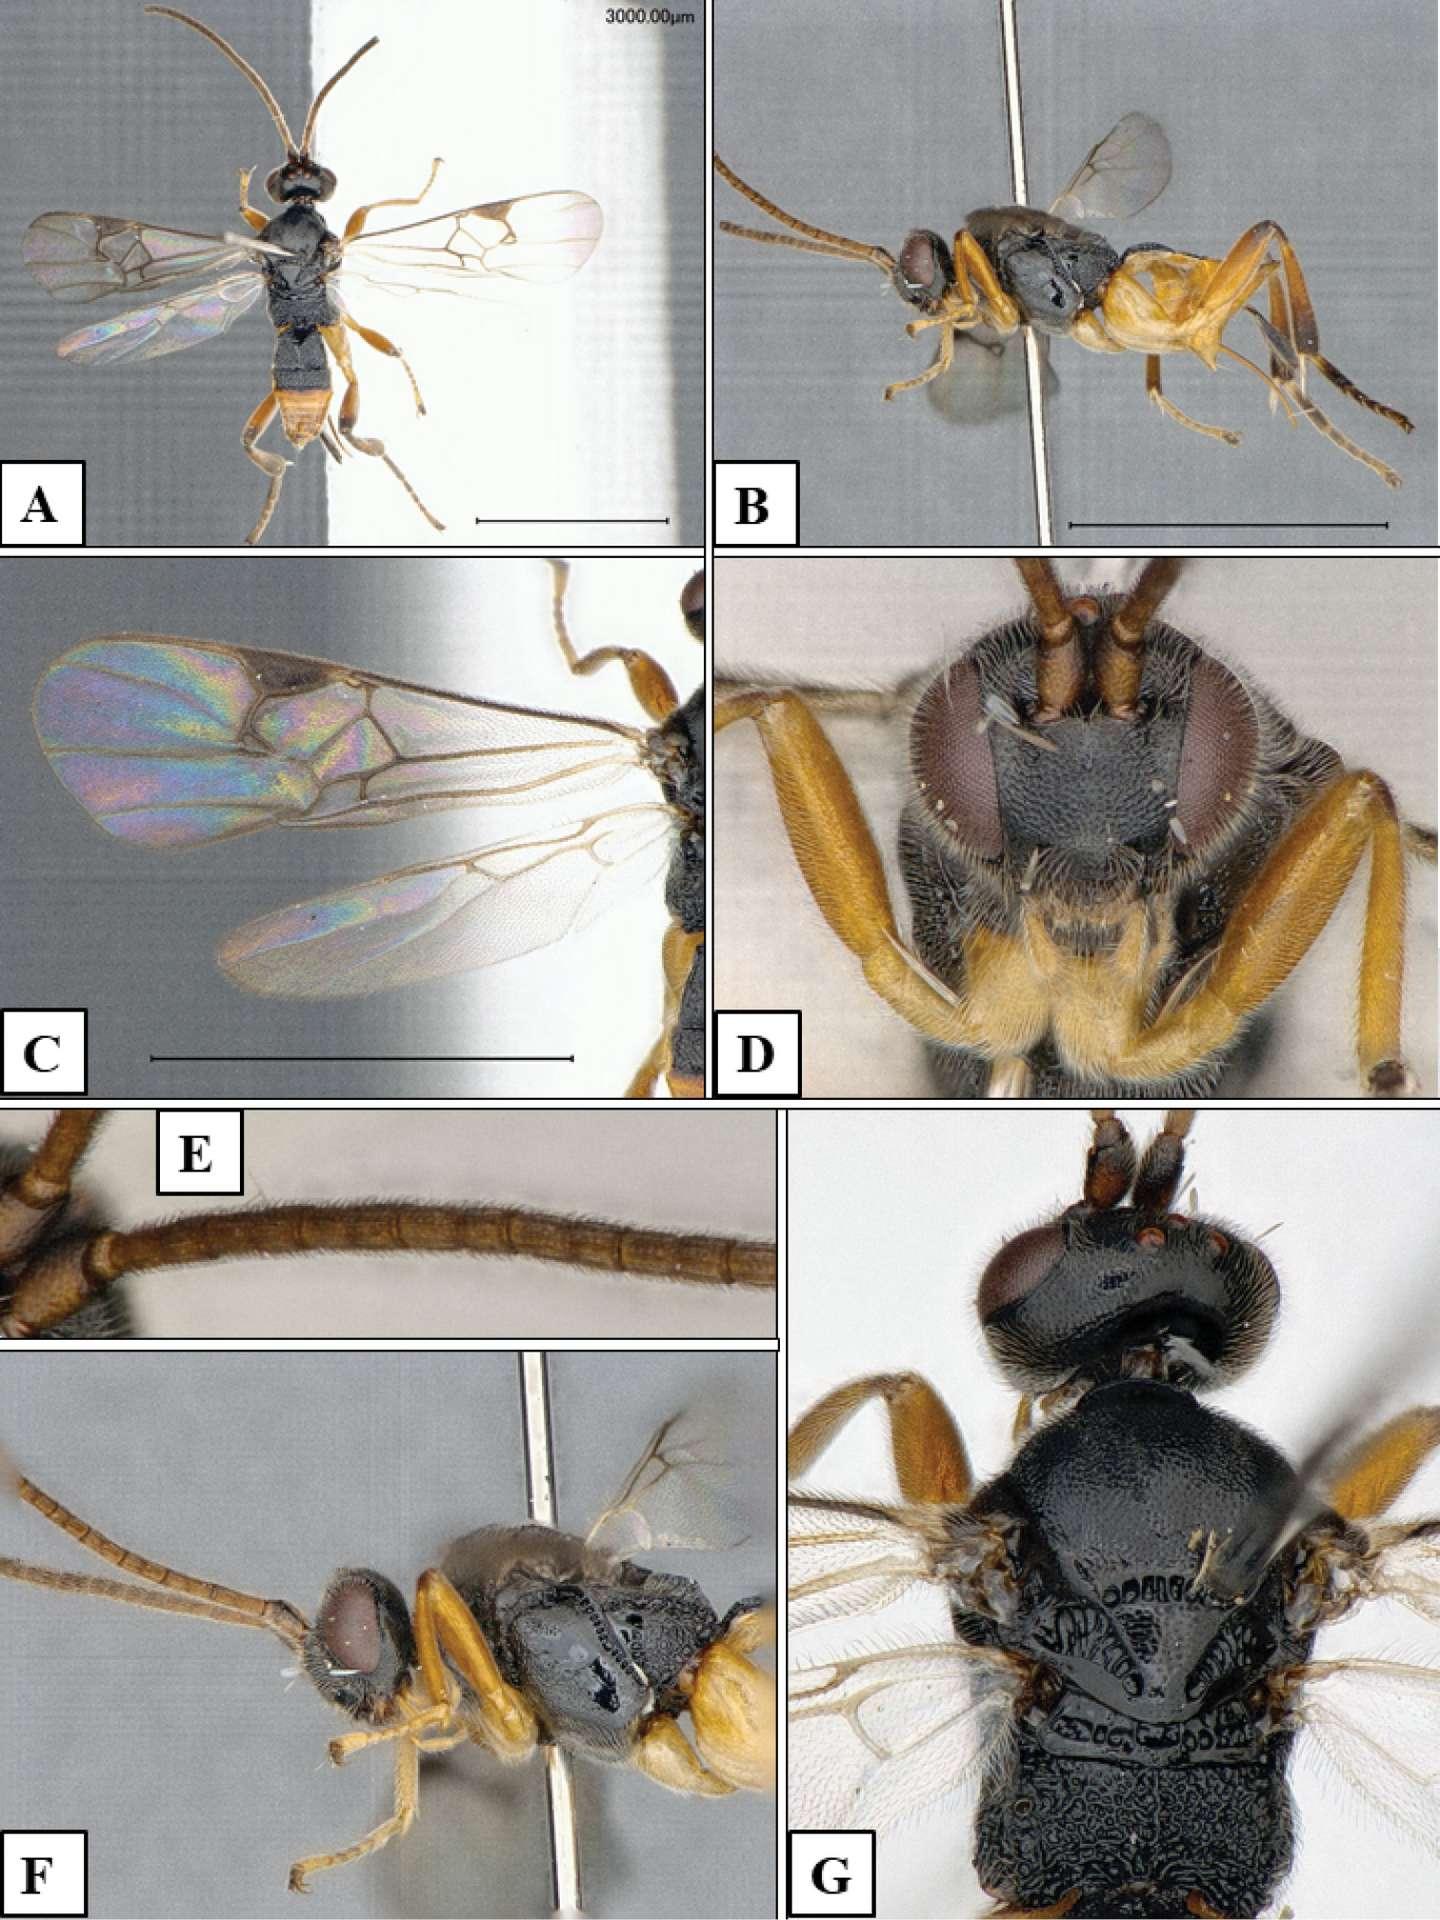 Plusieurs photos de Microgaster godzilla, la nouvelle espèce de guêpe parasitoïde décrite par les scientifiques. © Fernandez-Triana J et al., Journal of Hymnoptera Research